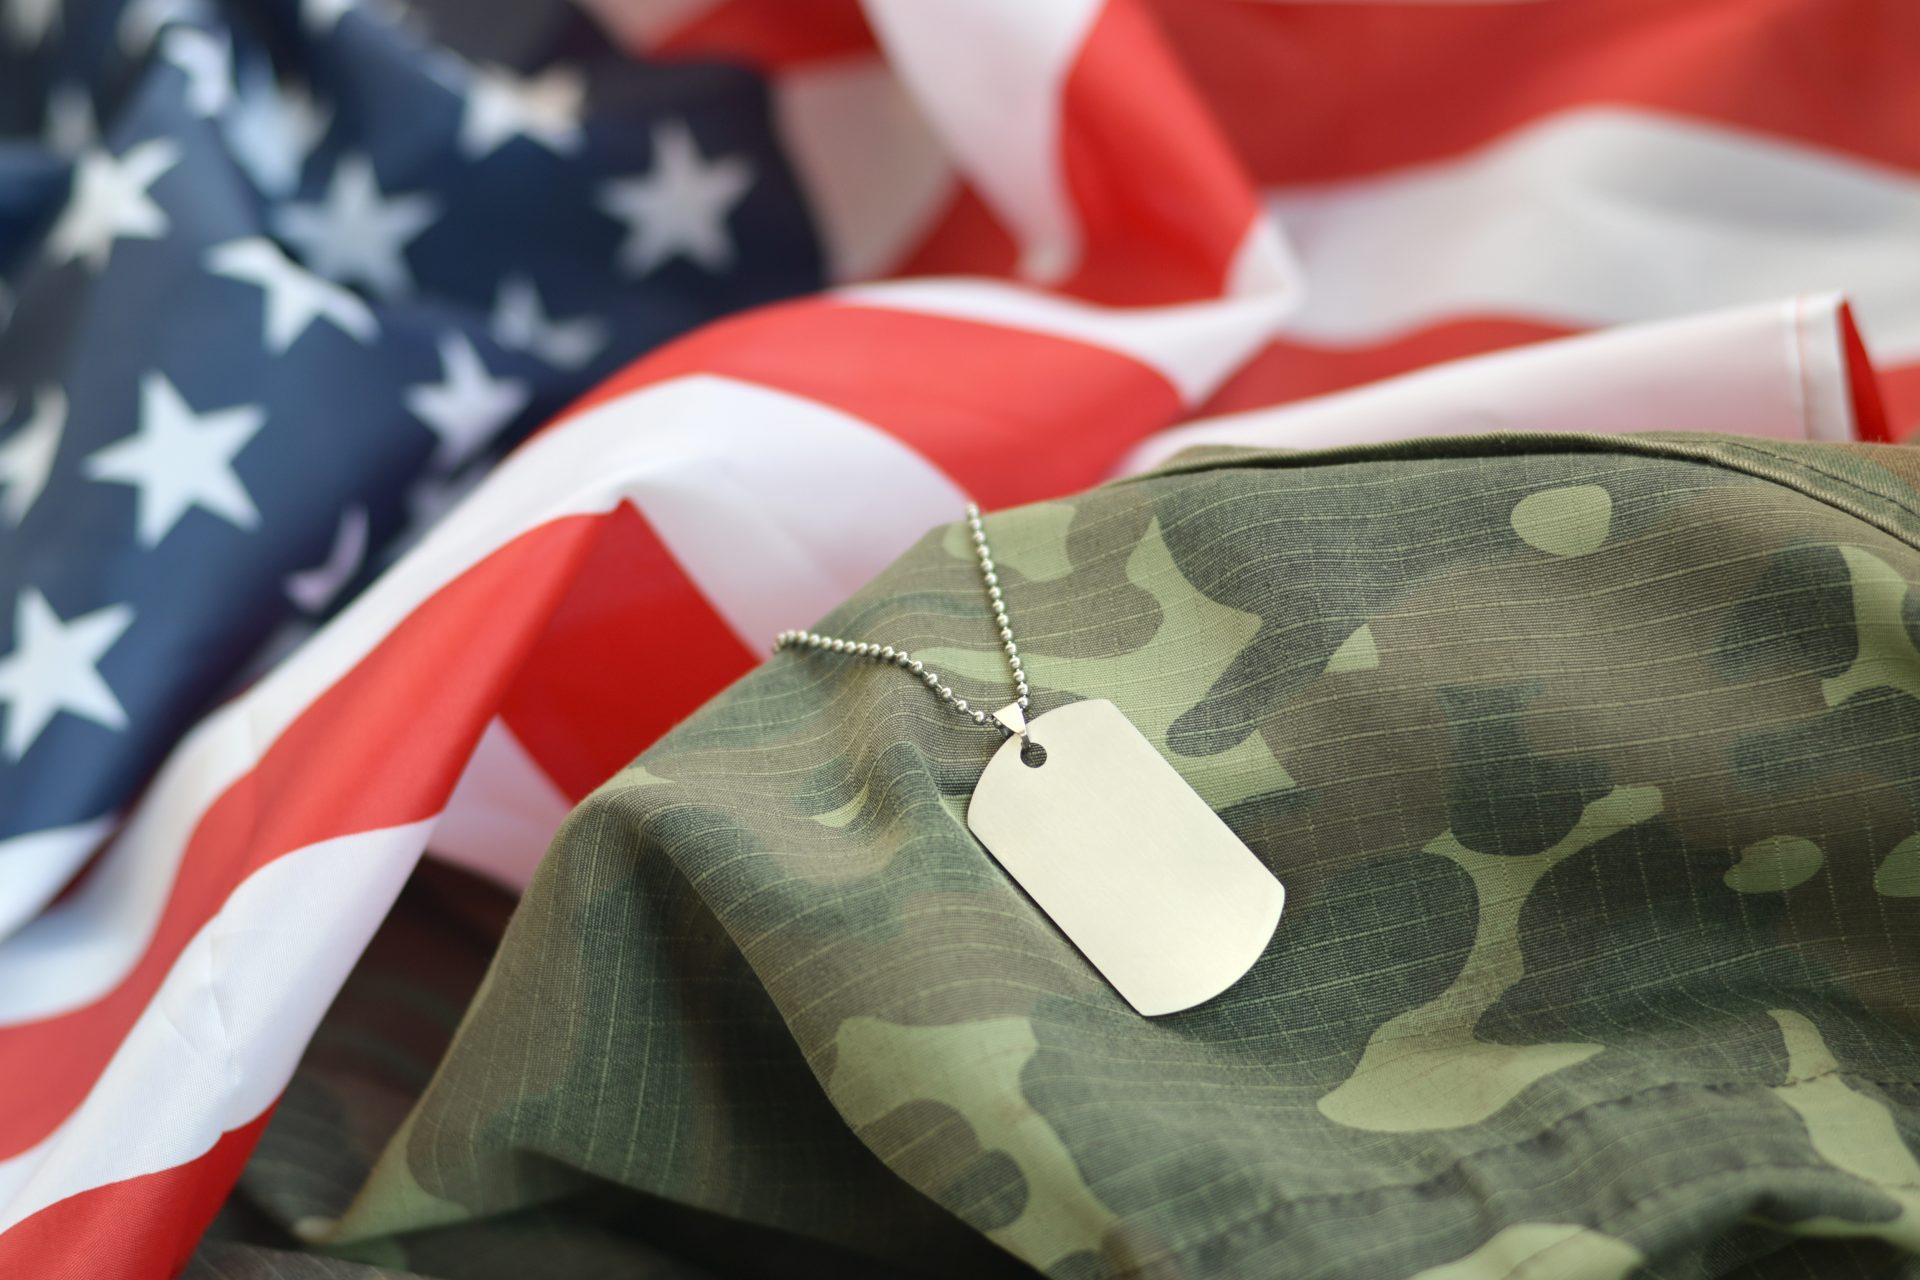 Patriotic Image